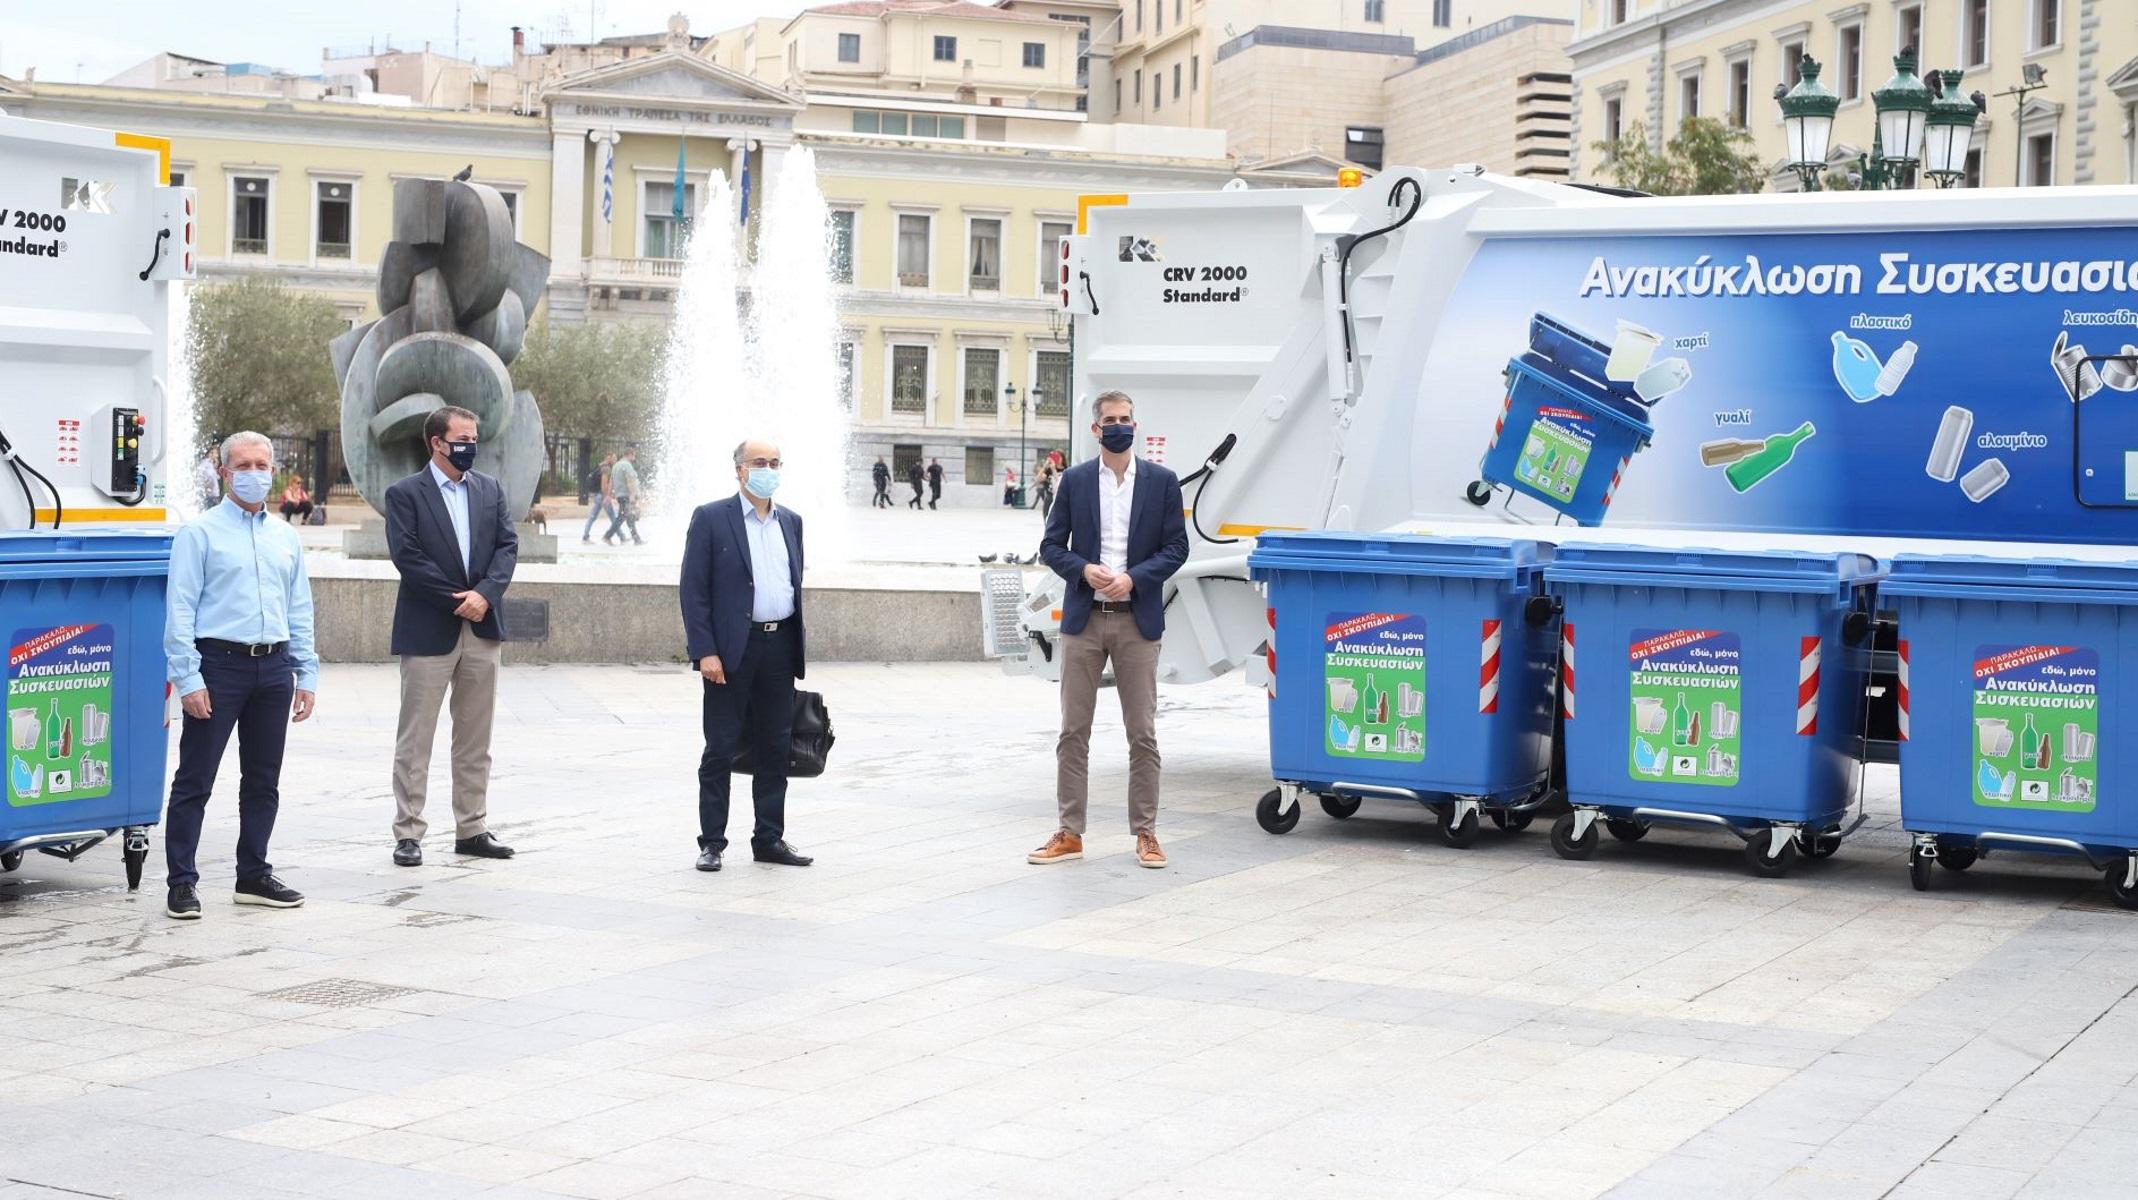 Δήμος Αθηναίων: Νέα εποχή στην ανακύκλωση με 27 σύγχρονα απορριμματοφόρα και 4.000 κάδους